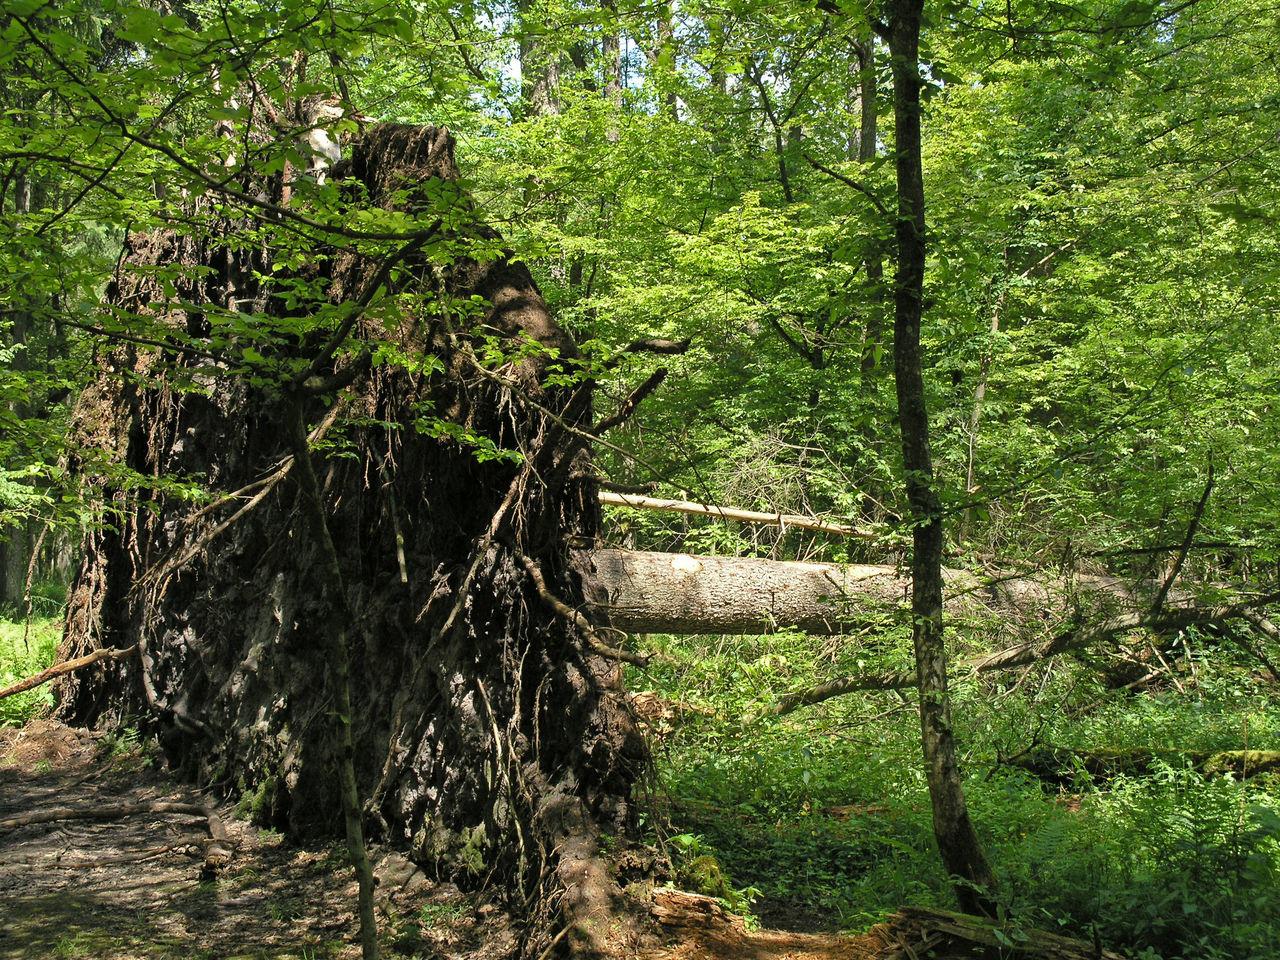 Bialowieza National Park, Poland Bialowieska Bialowieza Bialowieza Forest Bialowieza National Park Białowieska Białowieża Białowieża Forest Broken Tree Fallen Fallen Tree Fallen Trees Nature Outdoors Poland Polen Primary Forest Tree Tree Trees Wilderness